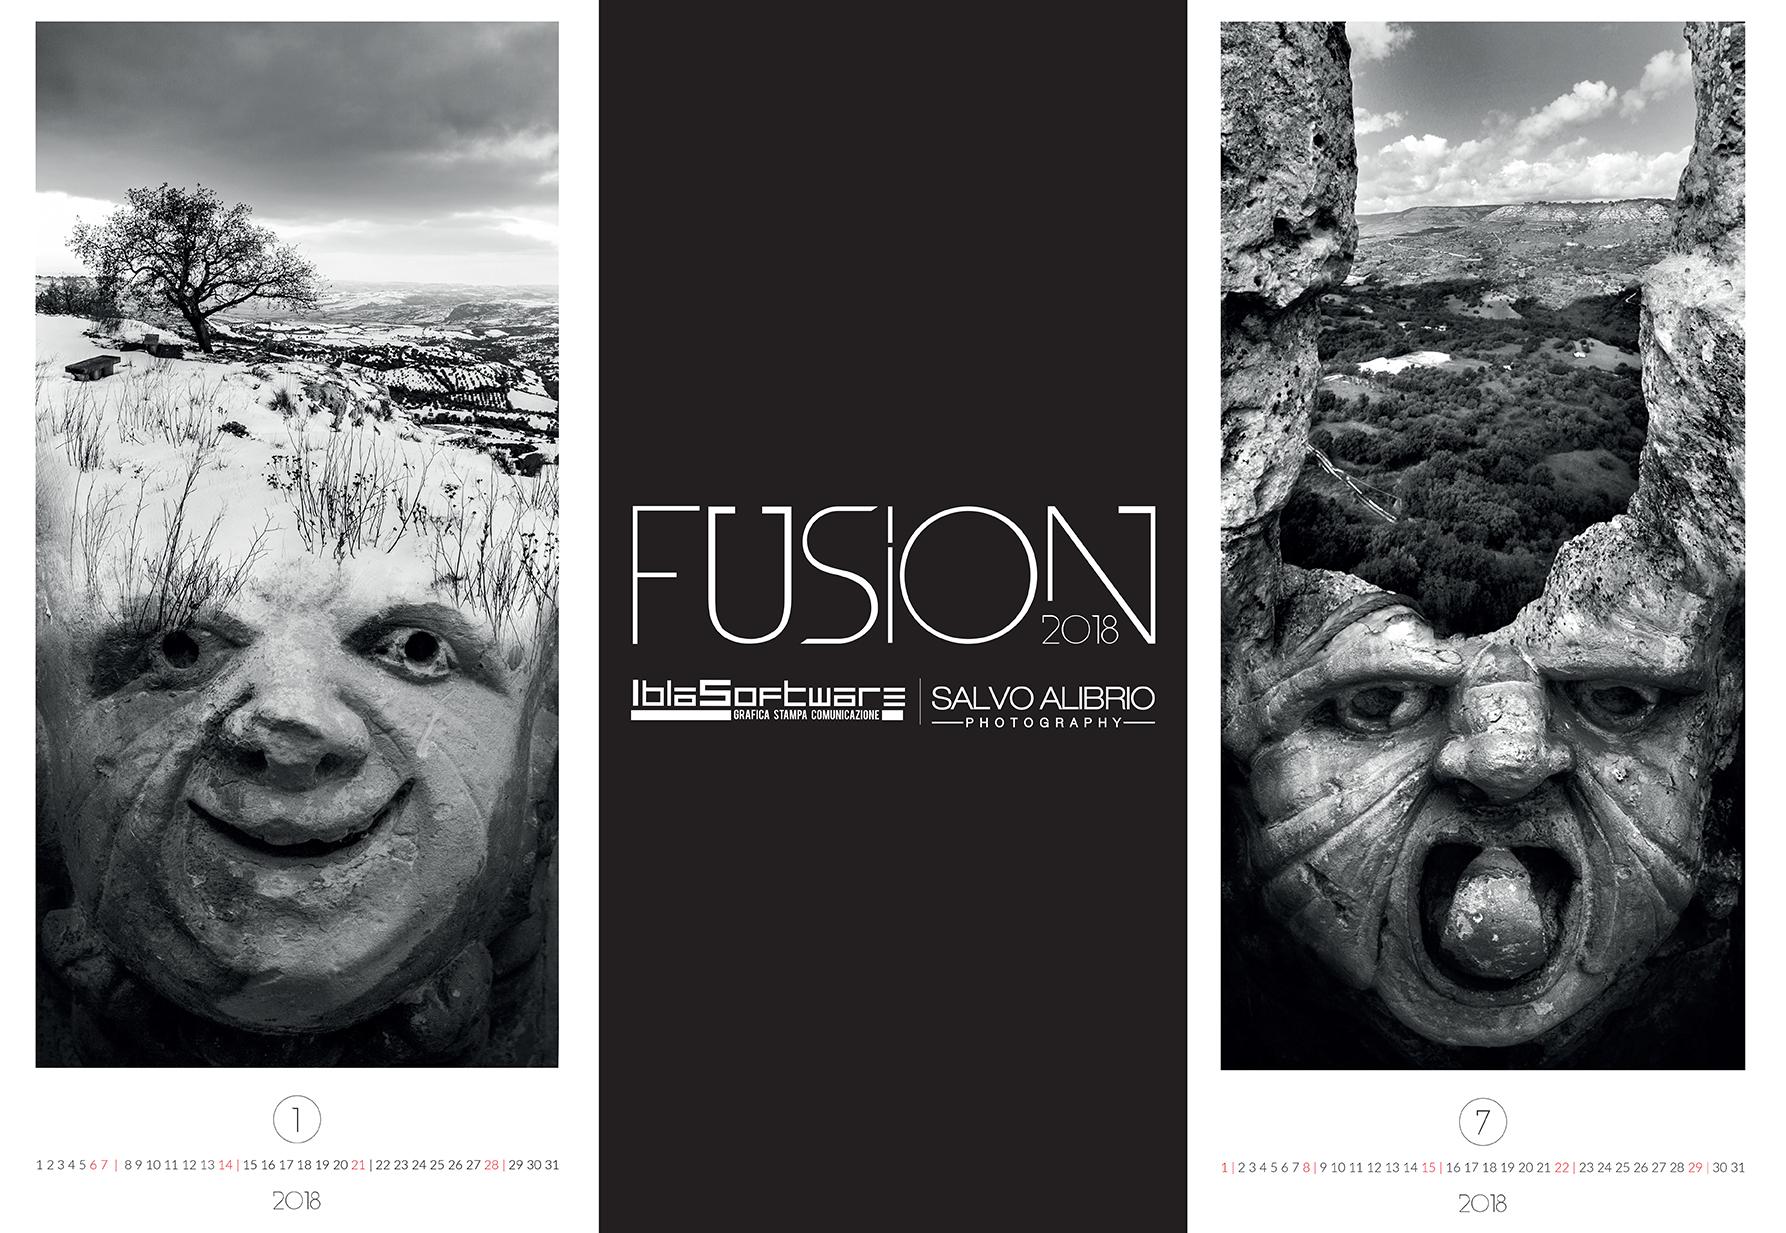 Alcuni particolari del calendario Fusion su Palazzolo